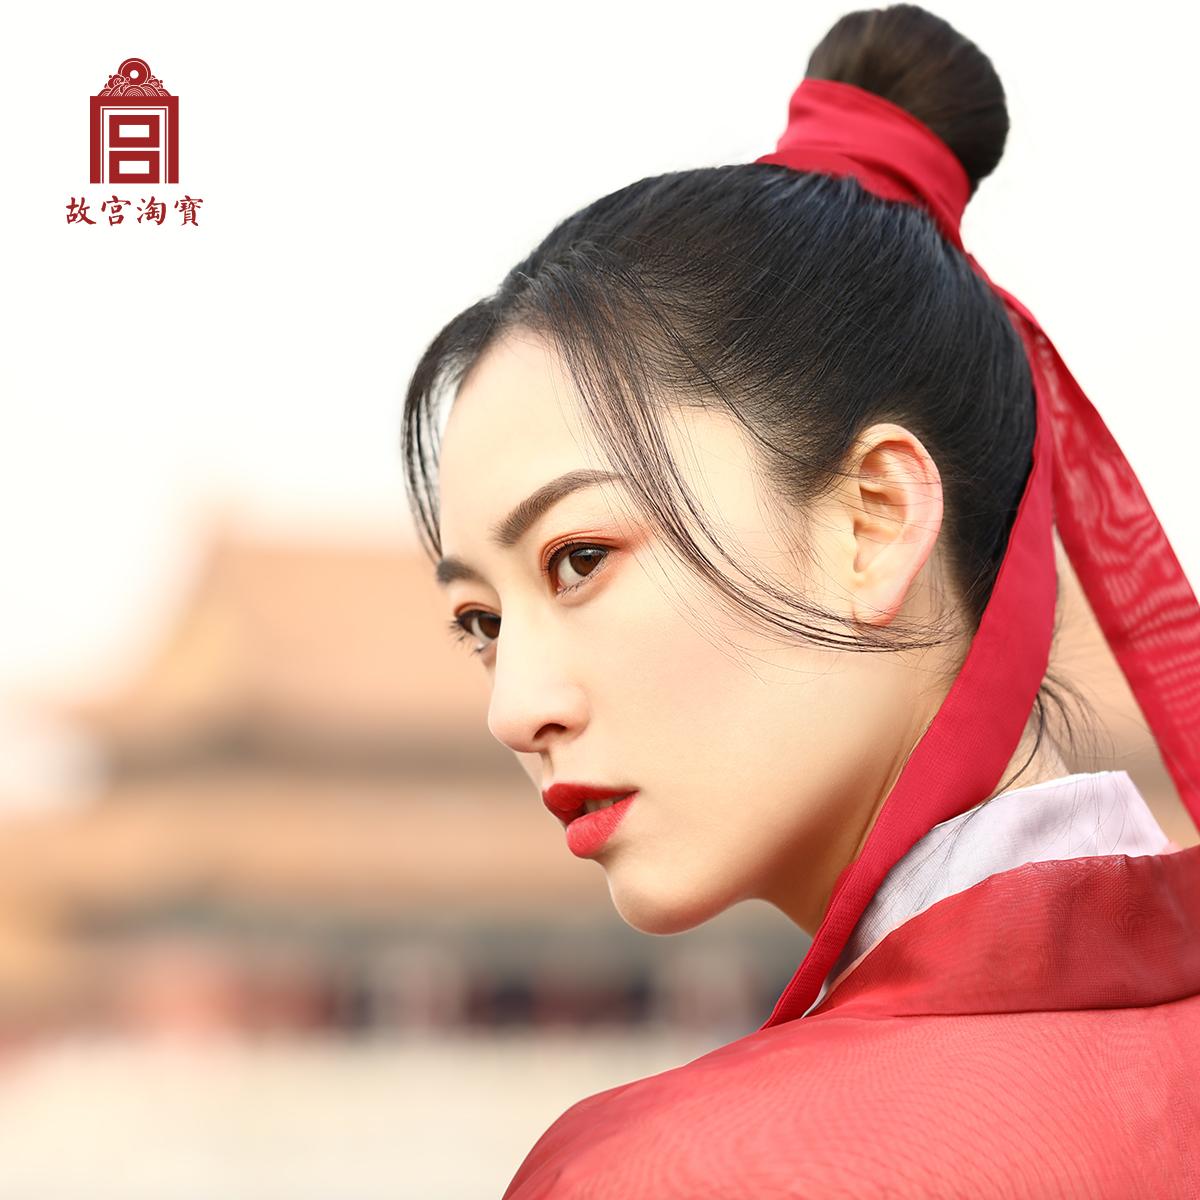 【故宫彩妆】暗夜流光-螺钿滋润型口红(郎窑红、美人霁、胭脂)